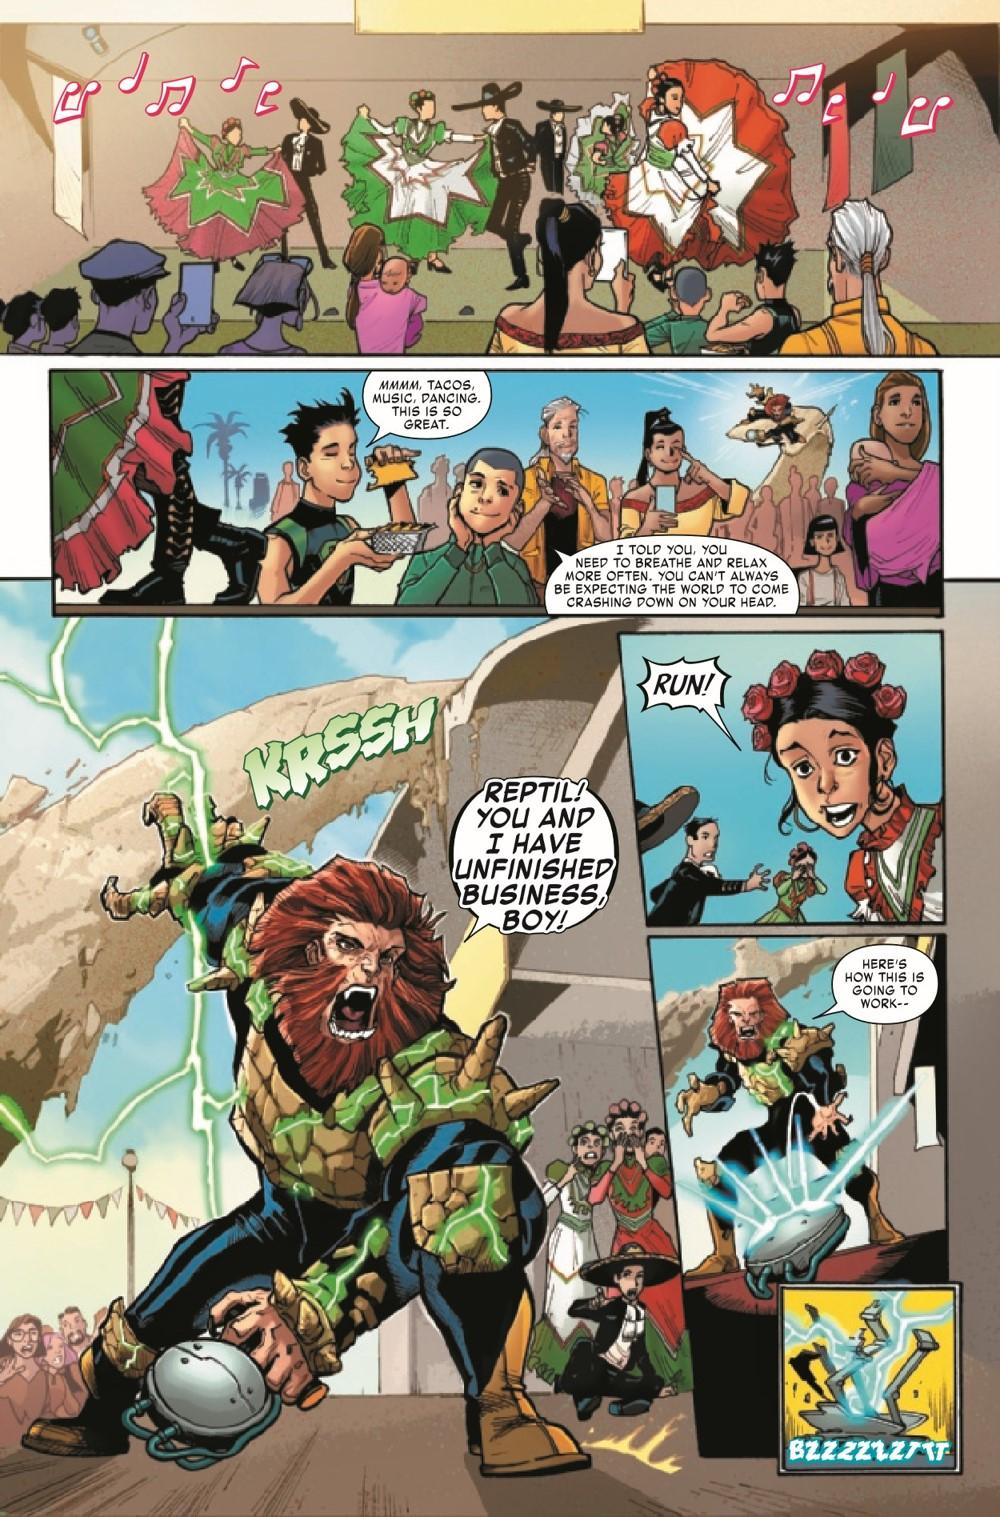 REPTIL2021004_Preview-4 ComicList Previews: REPTIL #4 (OF 4)